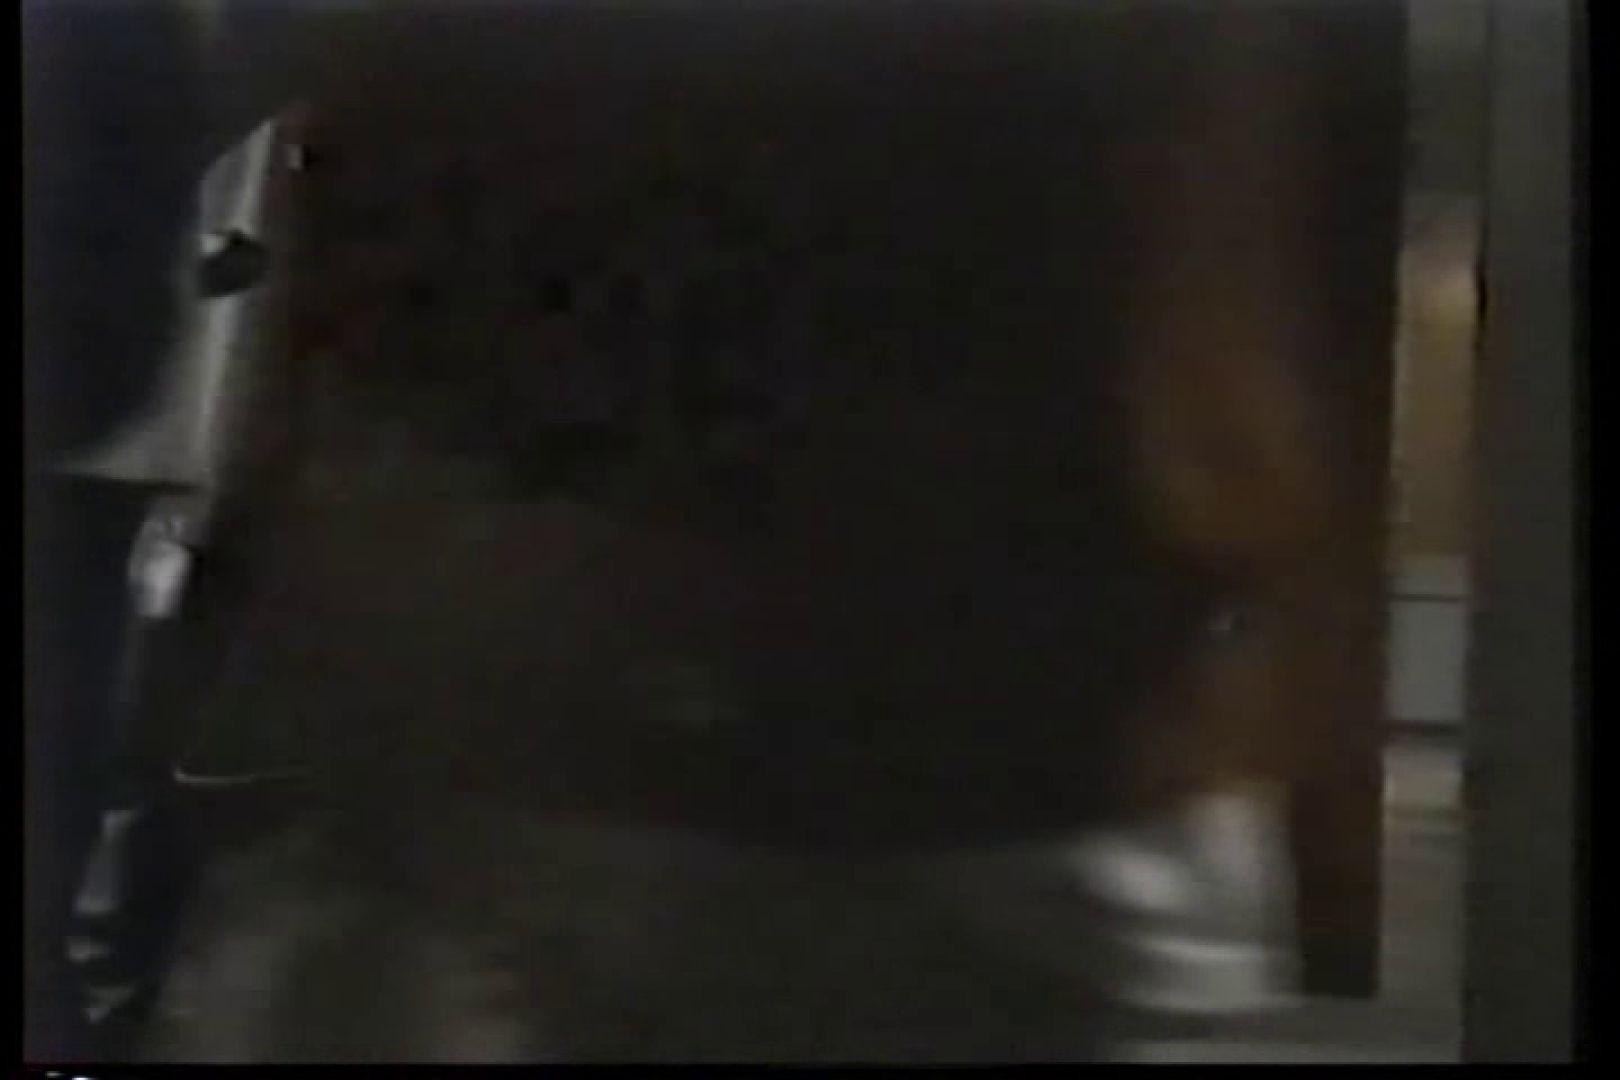 洋人さんの脱衣所を覗いてみました。VOL.3 男天国 | 0  109pic 91